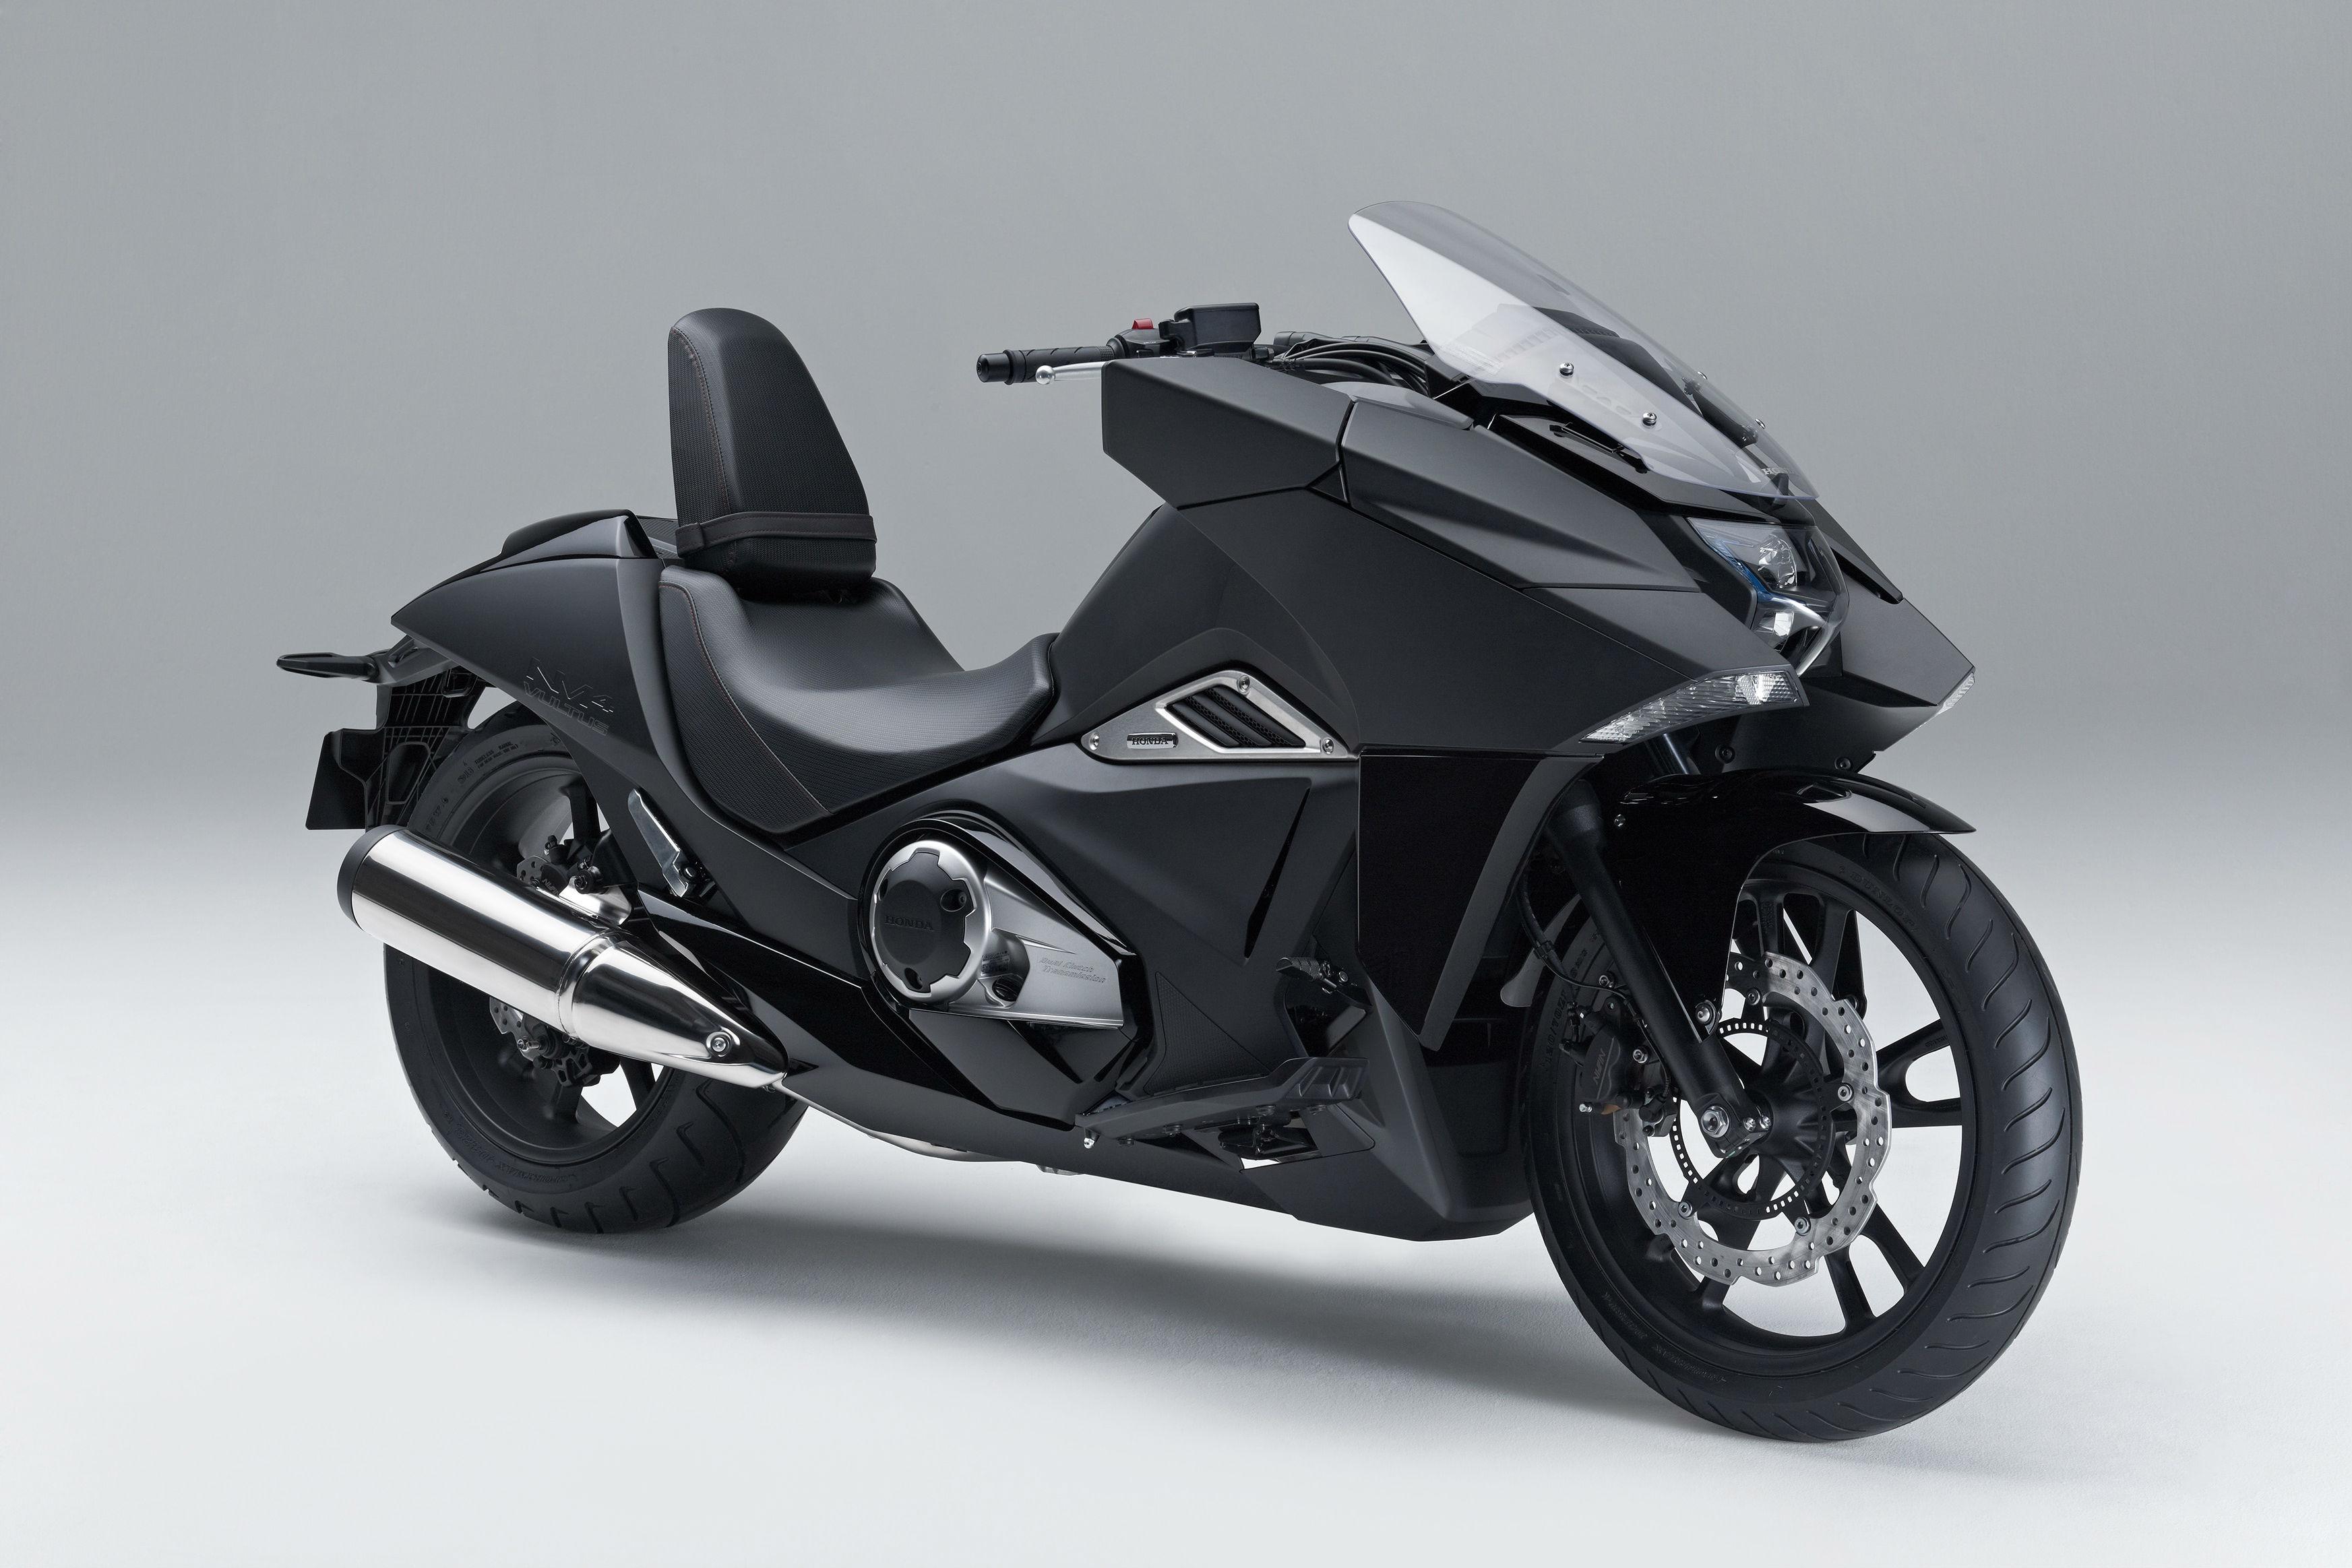 Honda NM4 Vultus to debut at comic fair